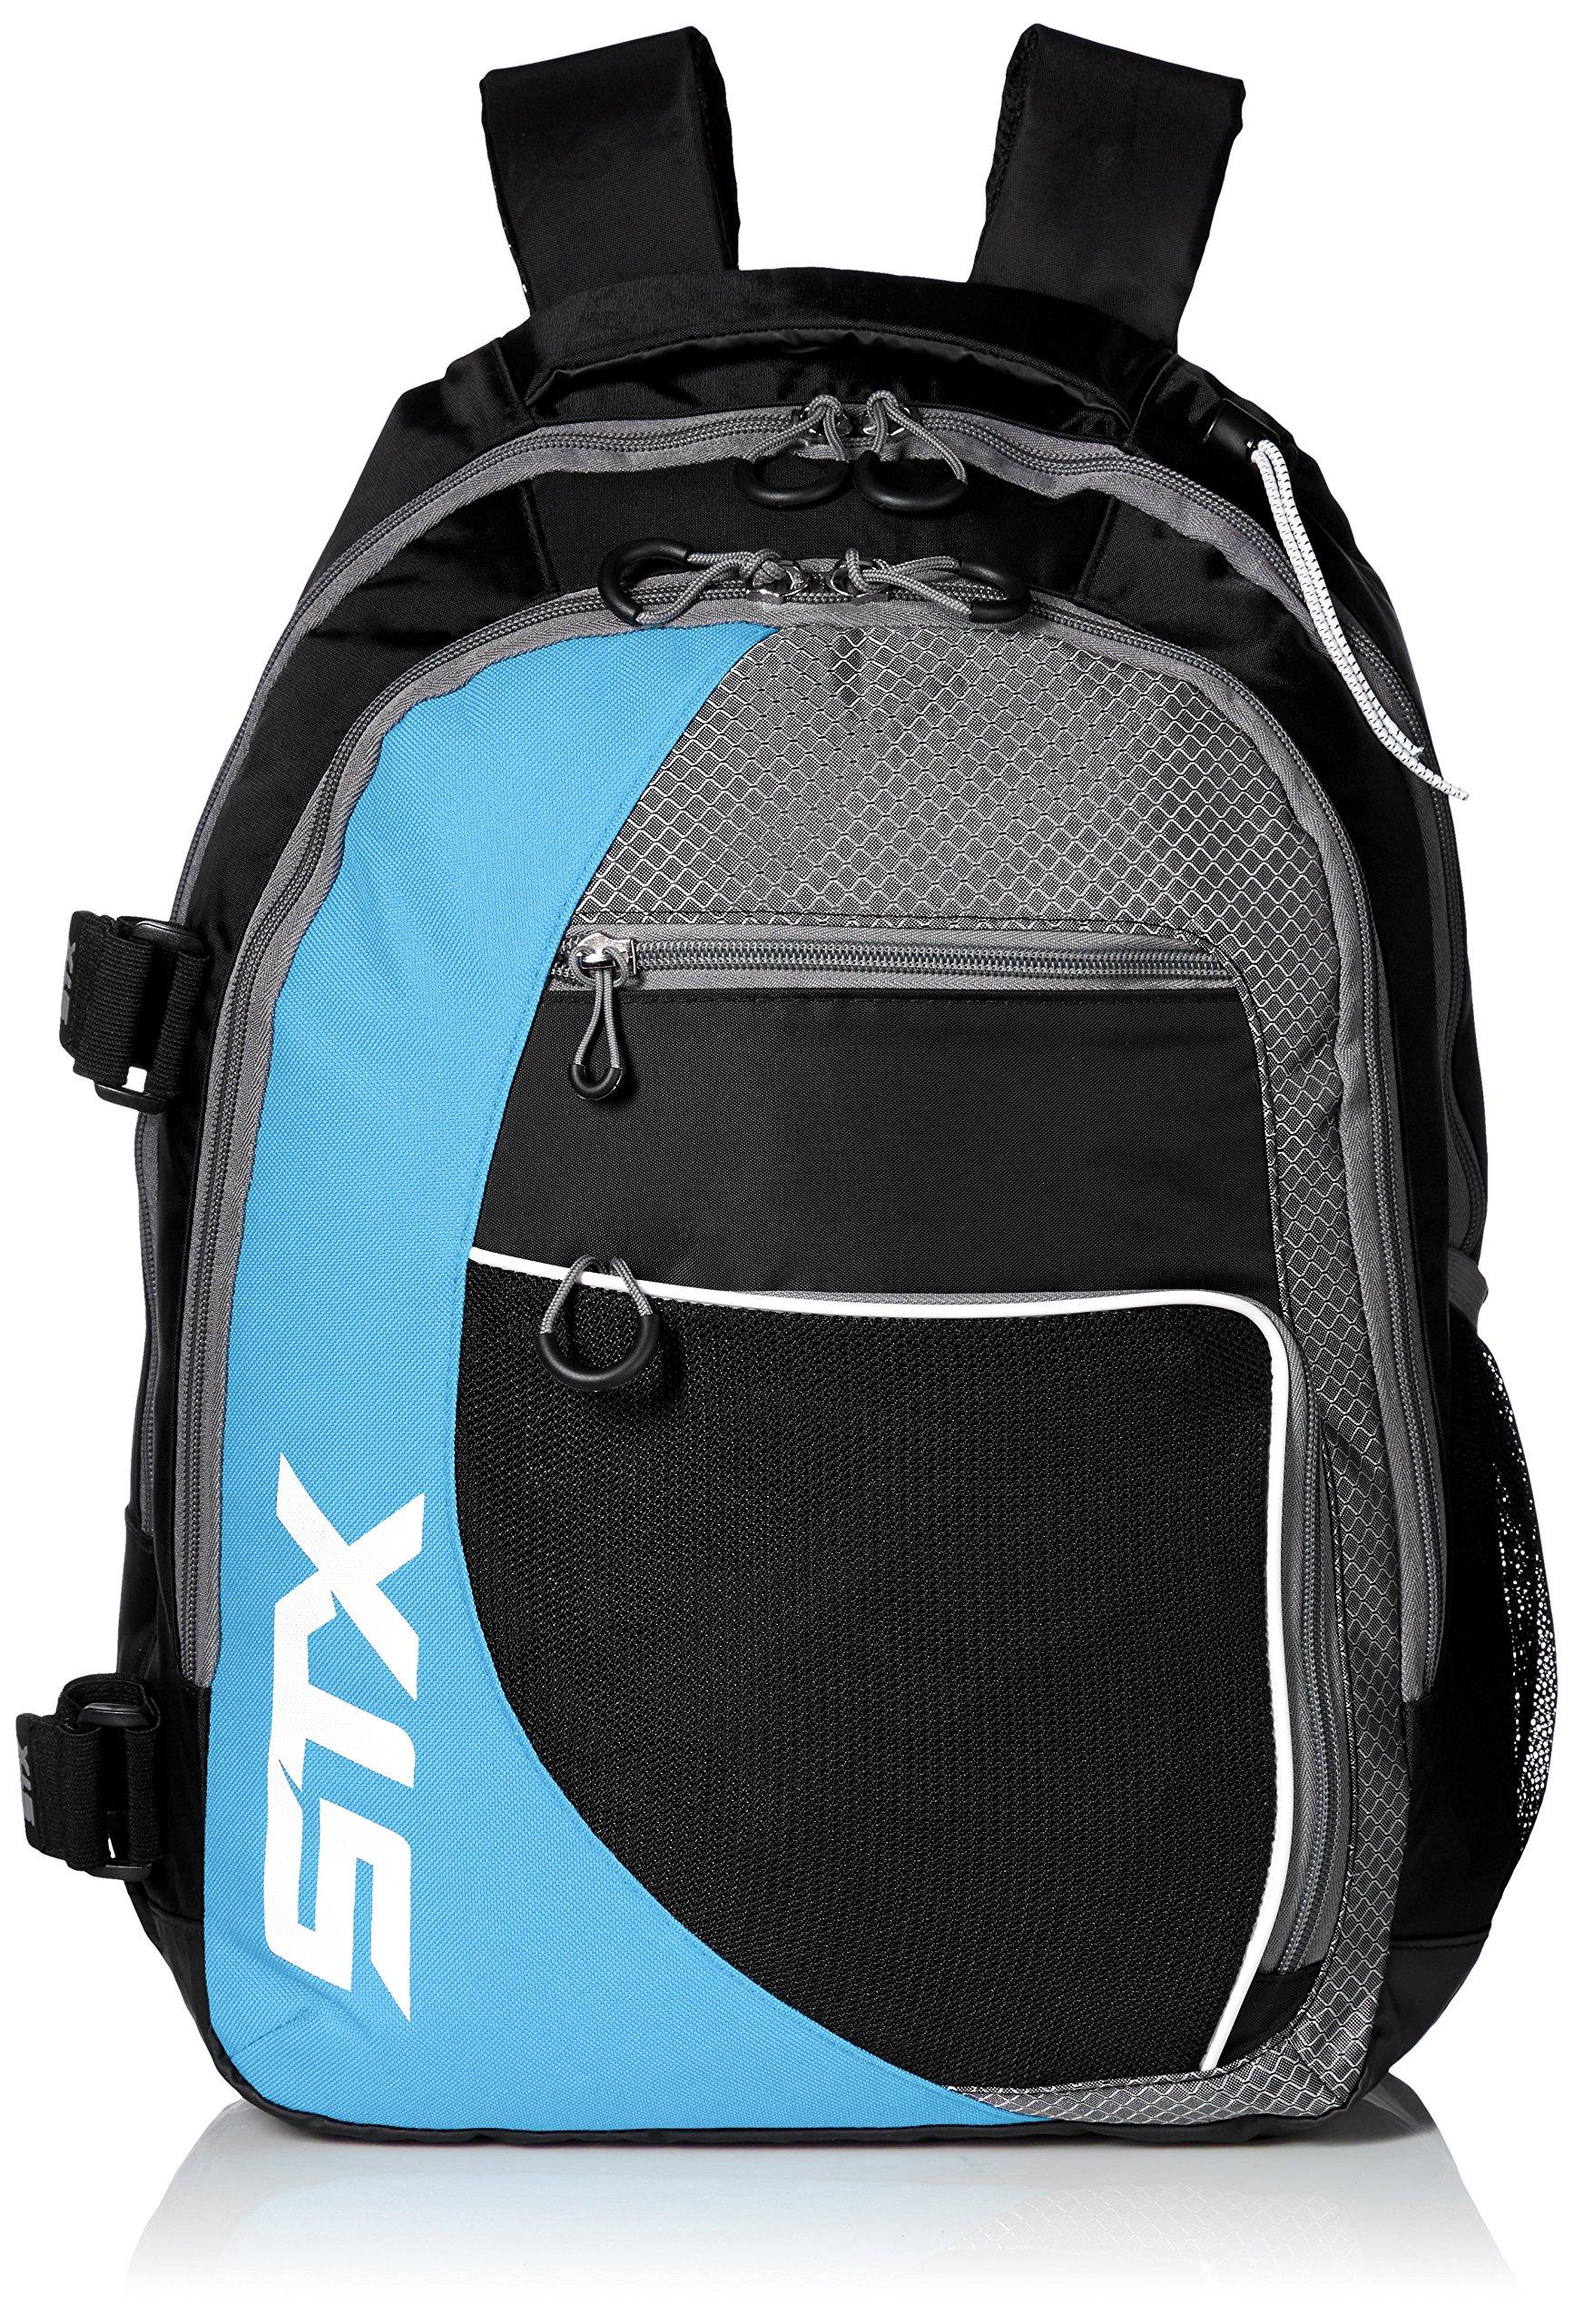 STX Lacrosse Sidewinder Lacrosse Backpack, Black/Columbia by STX (Image #1)